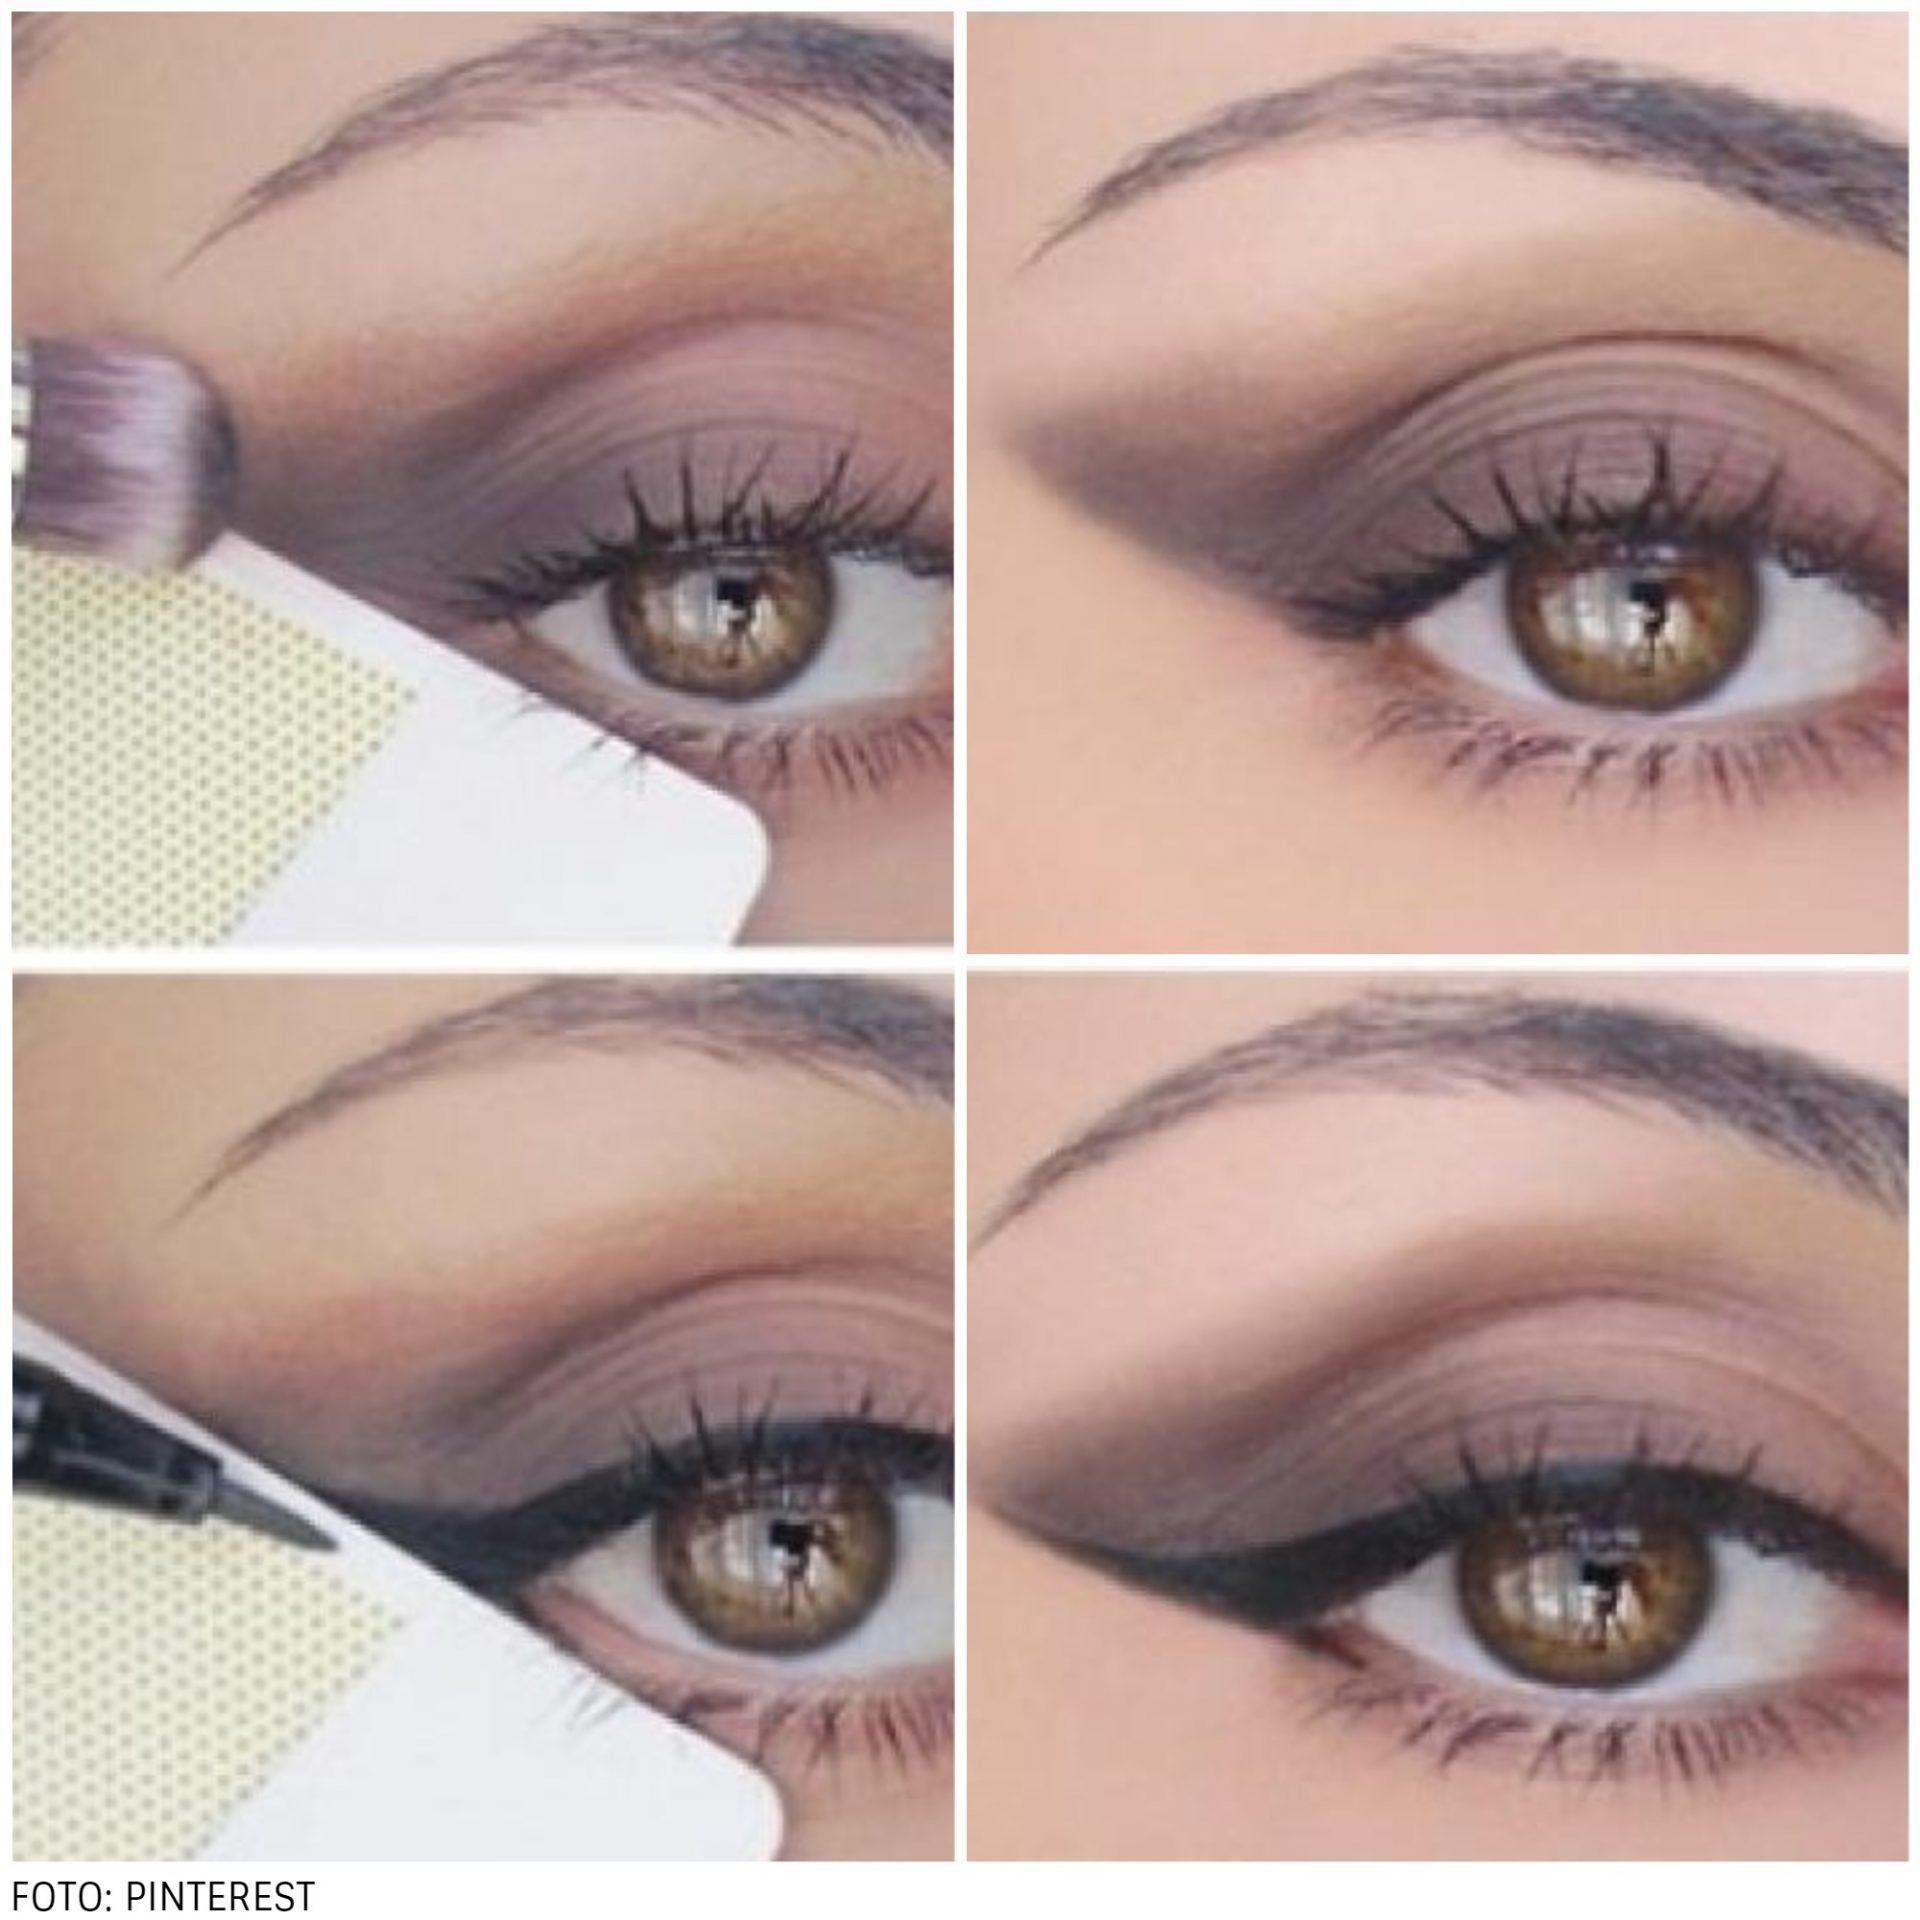 maquiagem fácil 10 - 5 dicas de maquiagem fácil (e com cara de profissional!) para meninas práticas